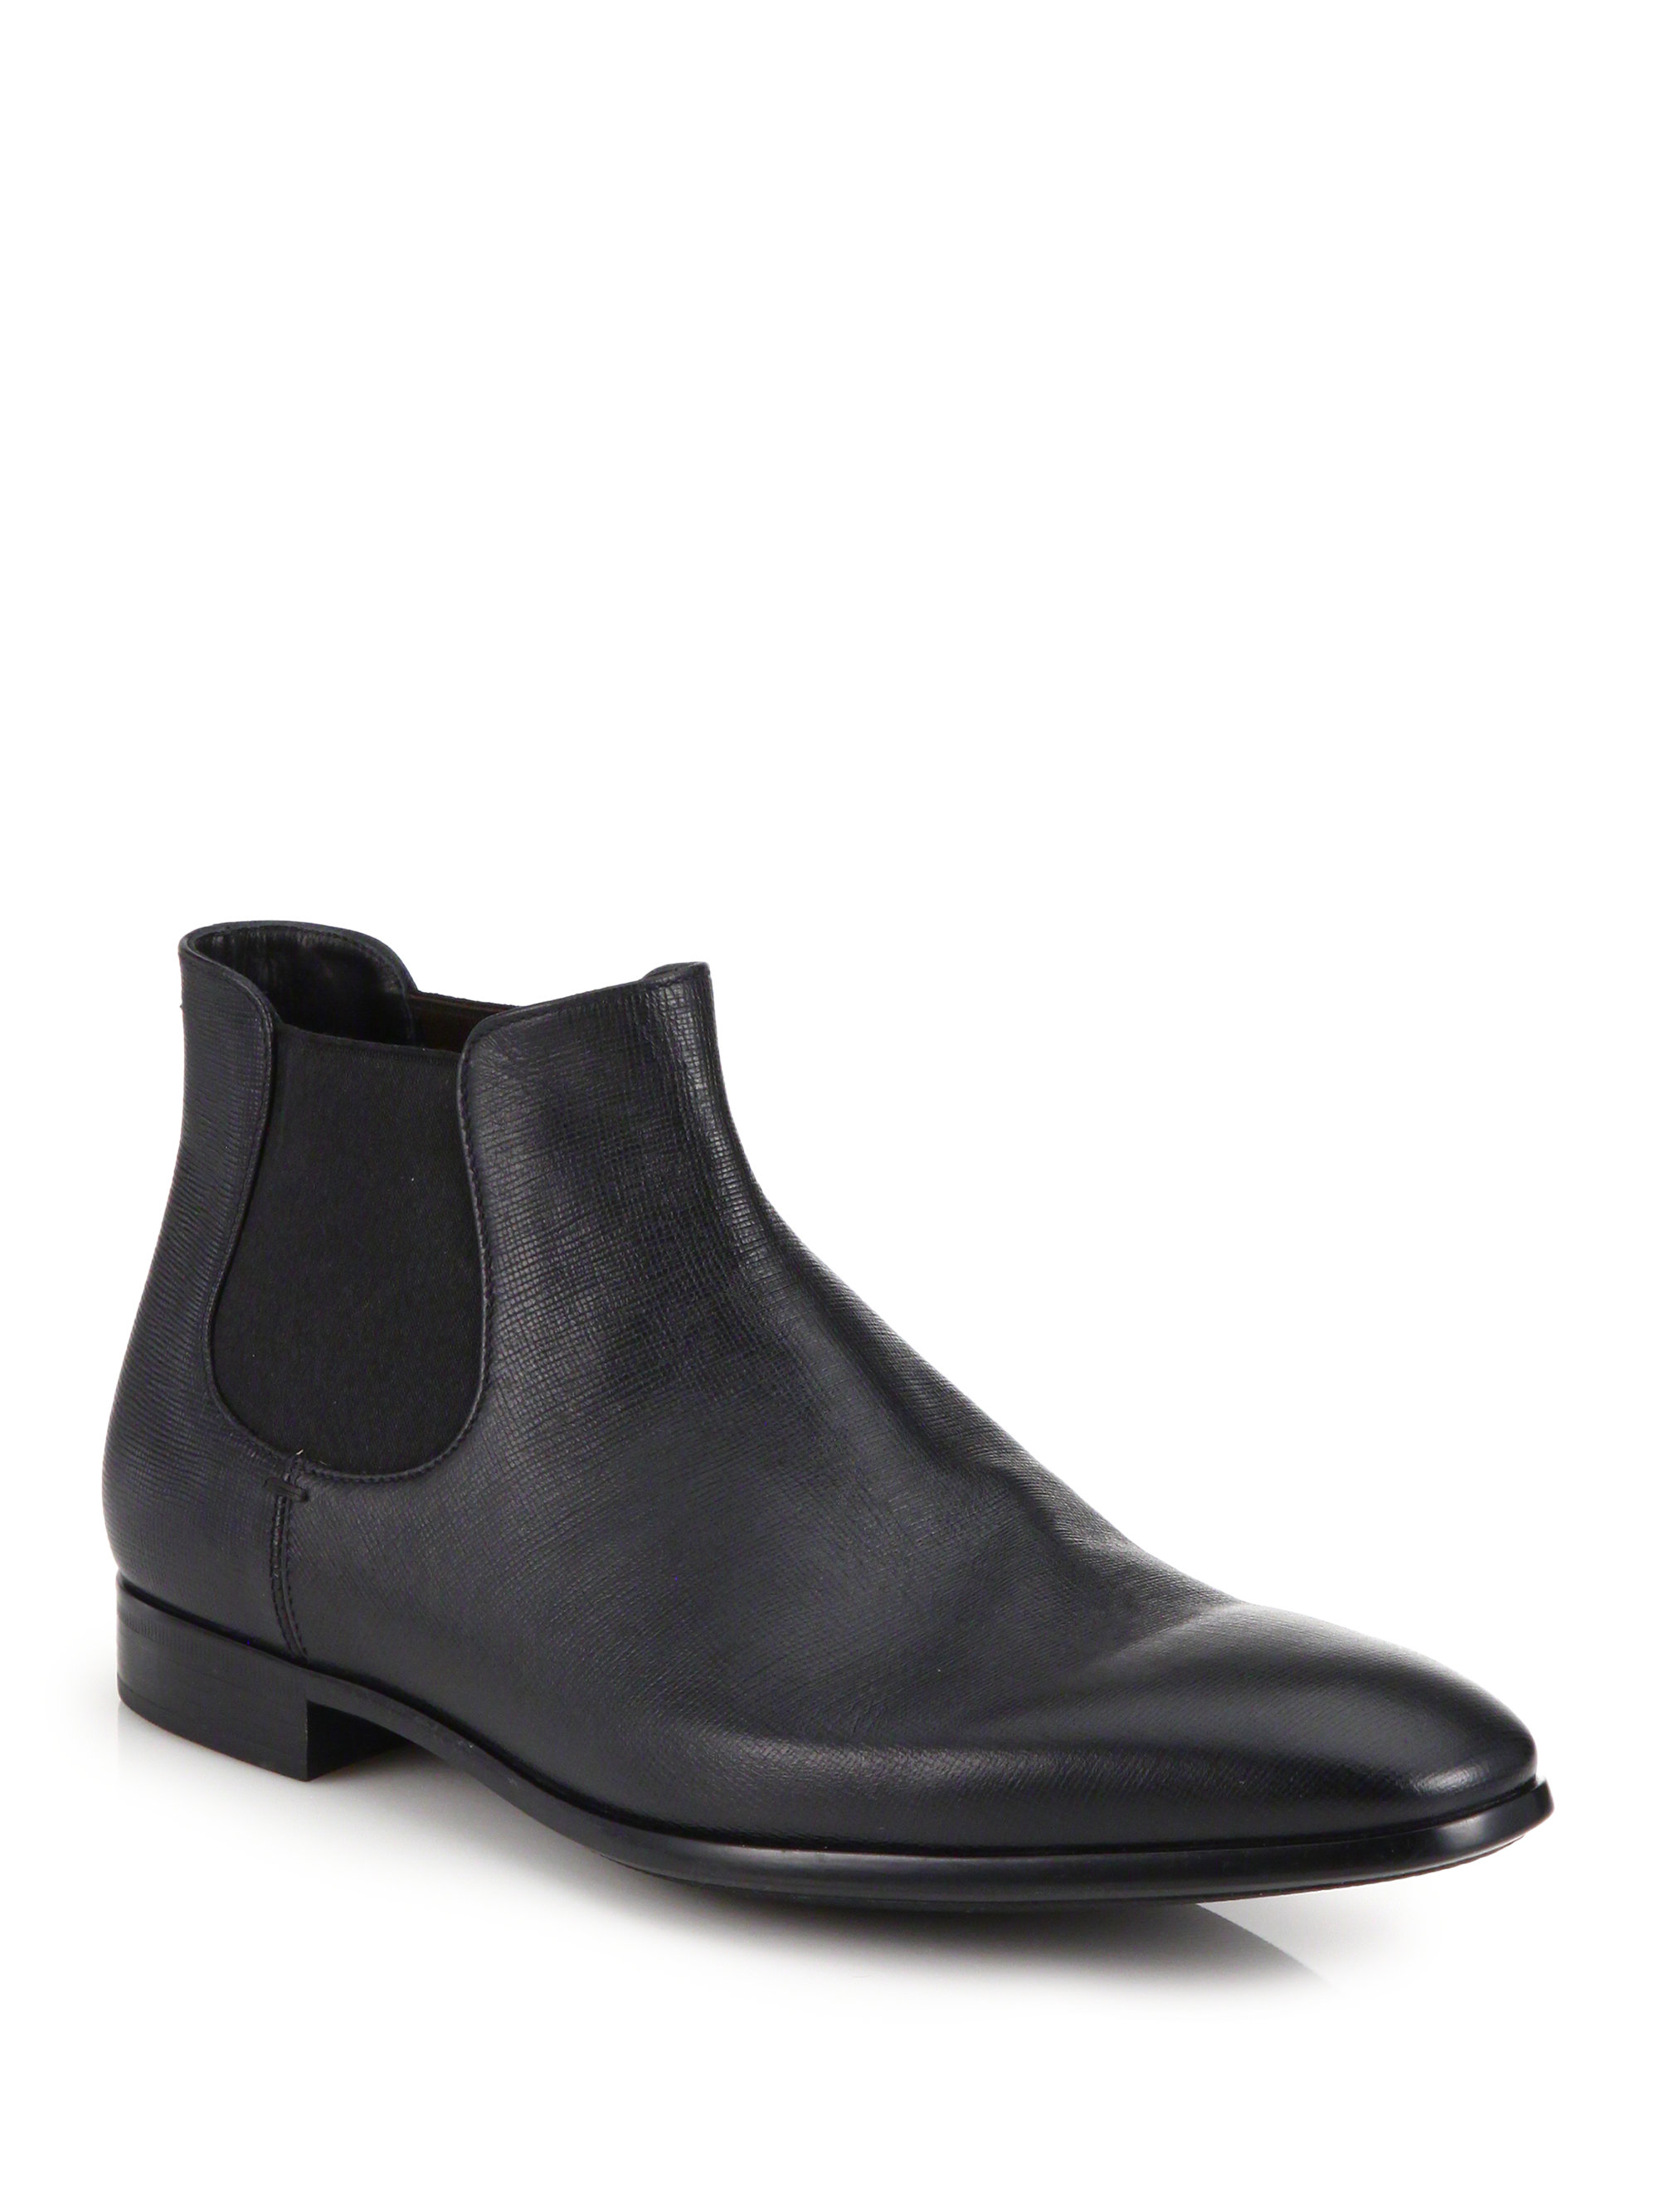 Giorgio Armani Low Rise Saffiano Leather Chelsea Boots In